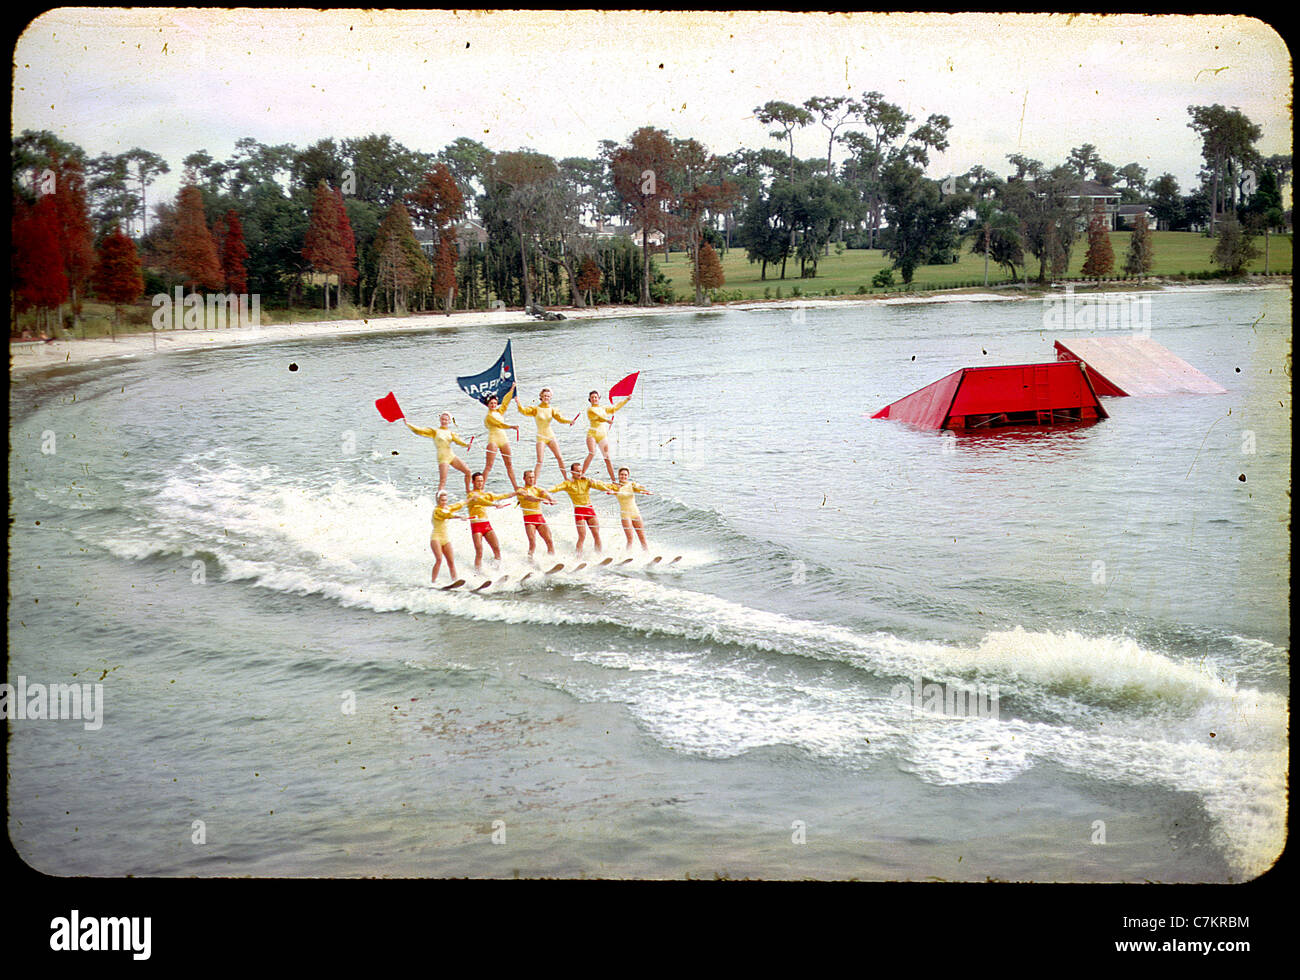 Les skieurs acrobatiques floride 1950 Lac de l'eau femmes diapositives couleur Photo Stock